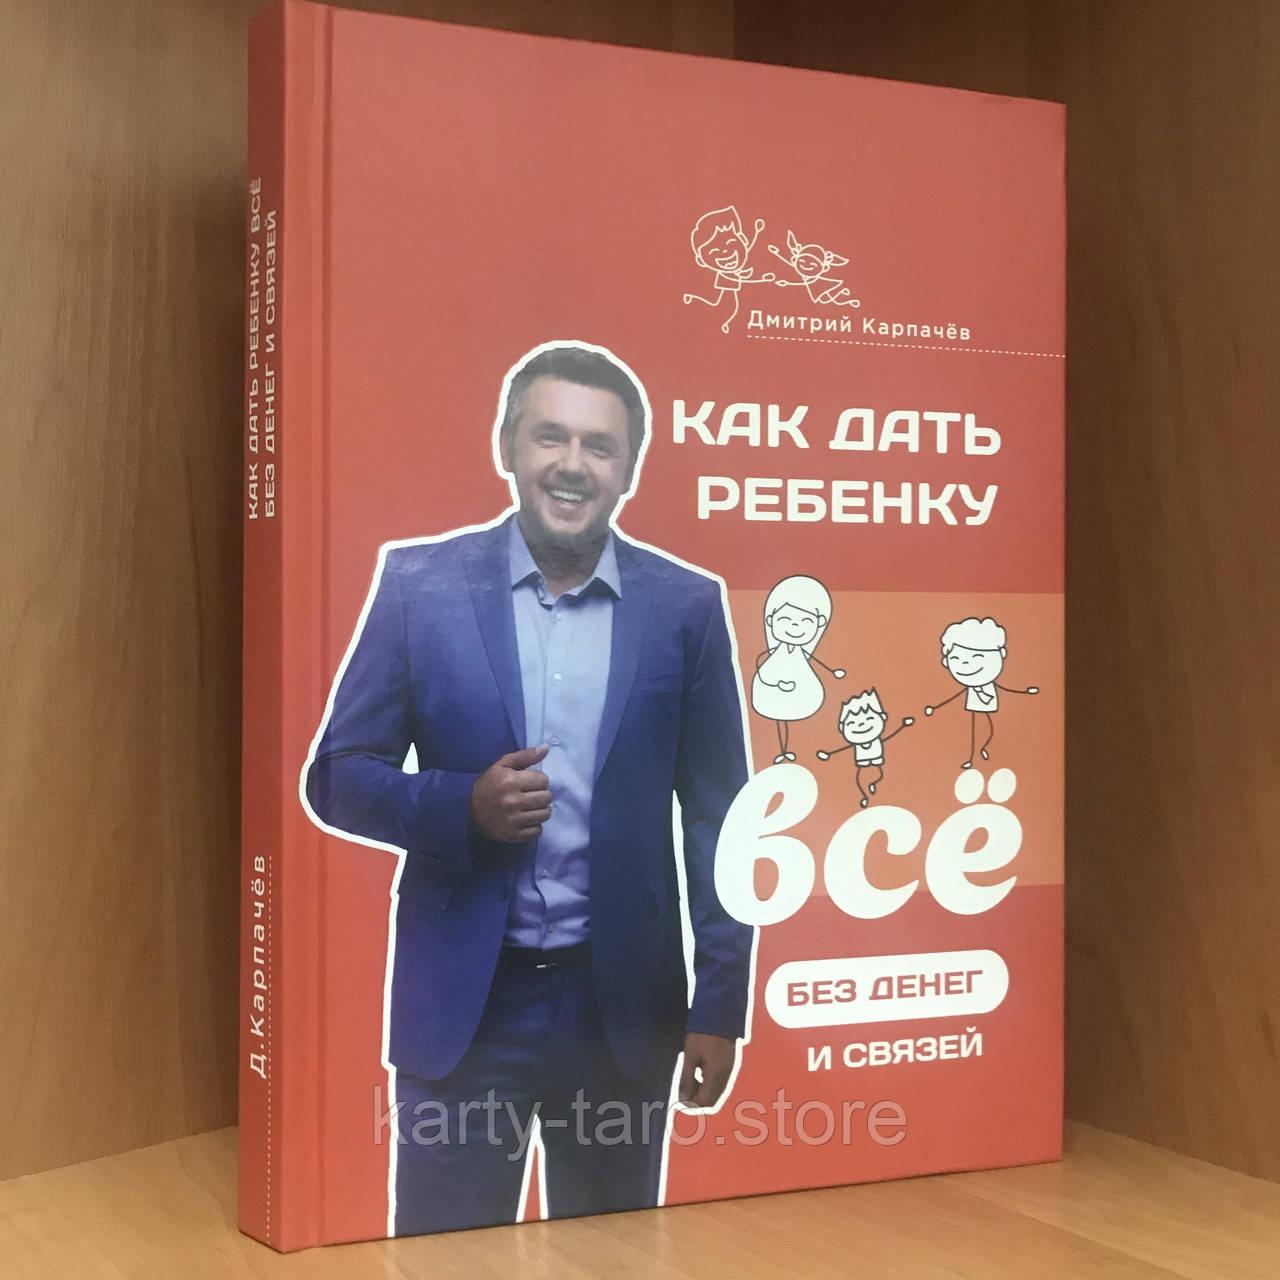 Книга Как дать ребенку все без денег и связей - Дмитрий Карпачёв